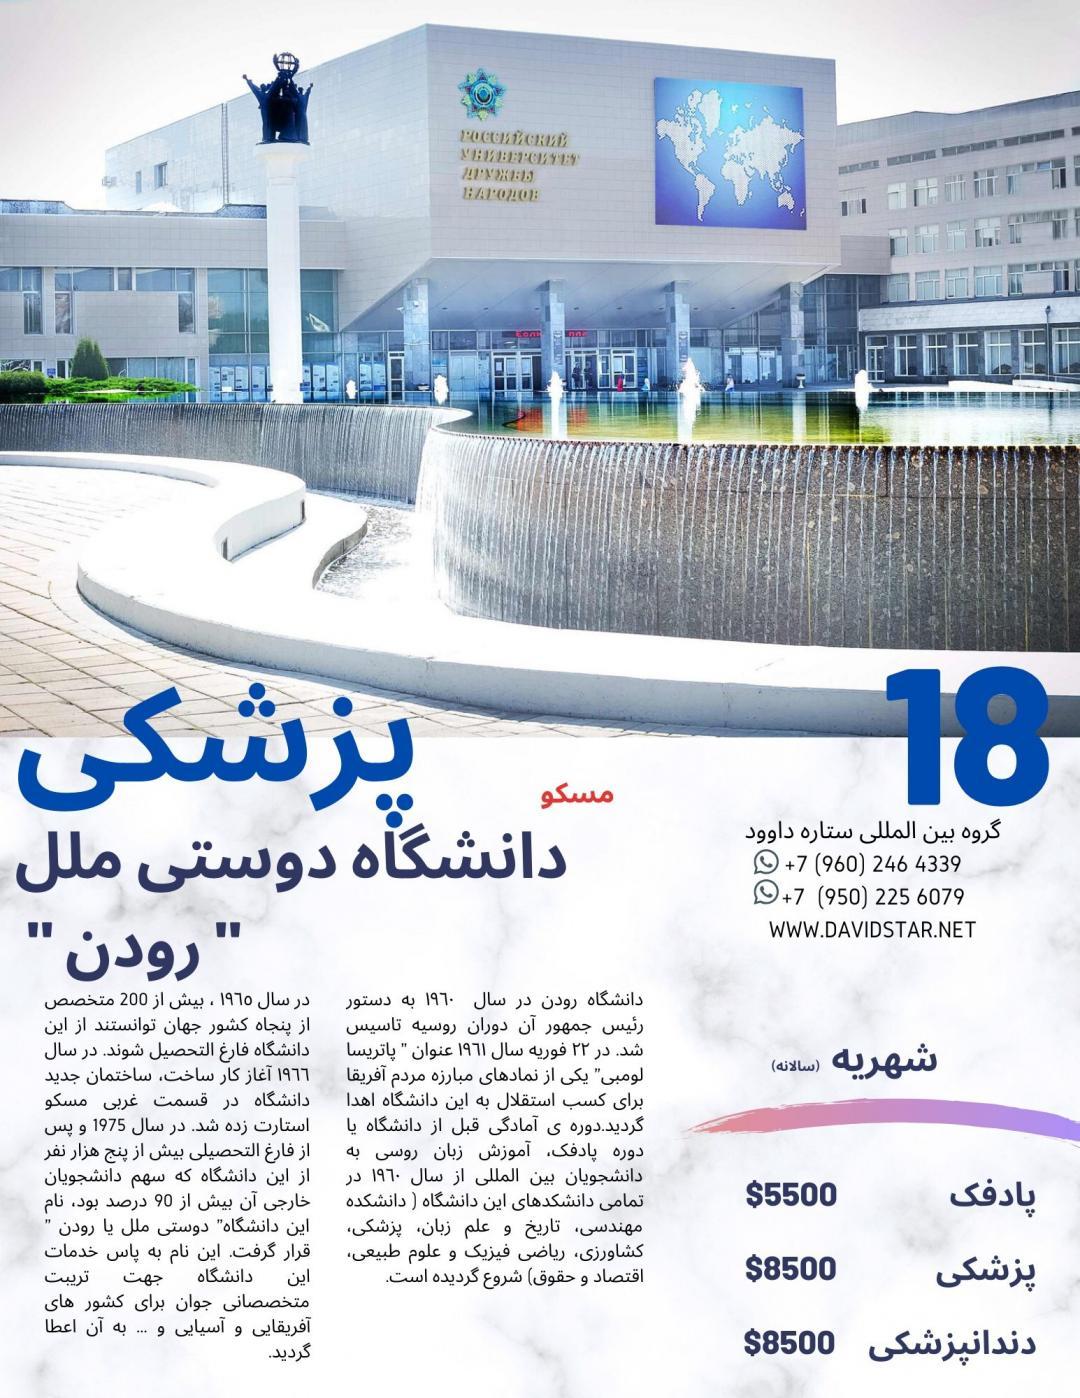 بهترین دانشگاه های روسیه - دانشگاه کازان